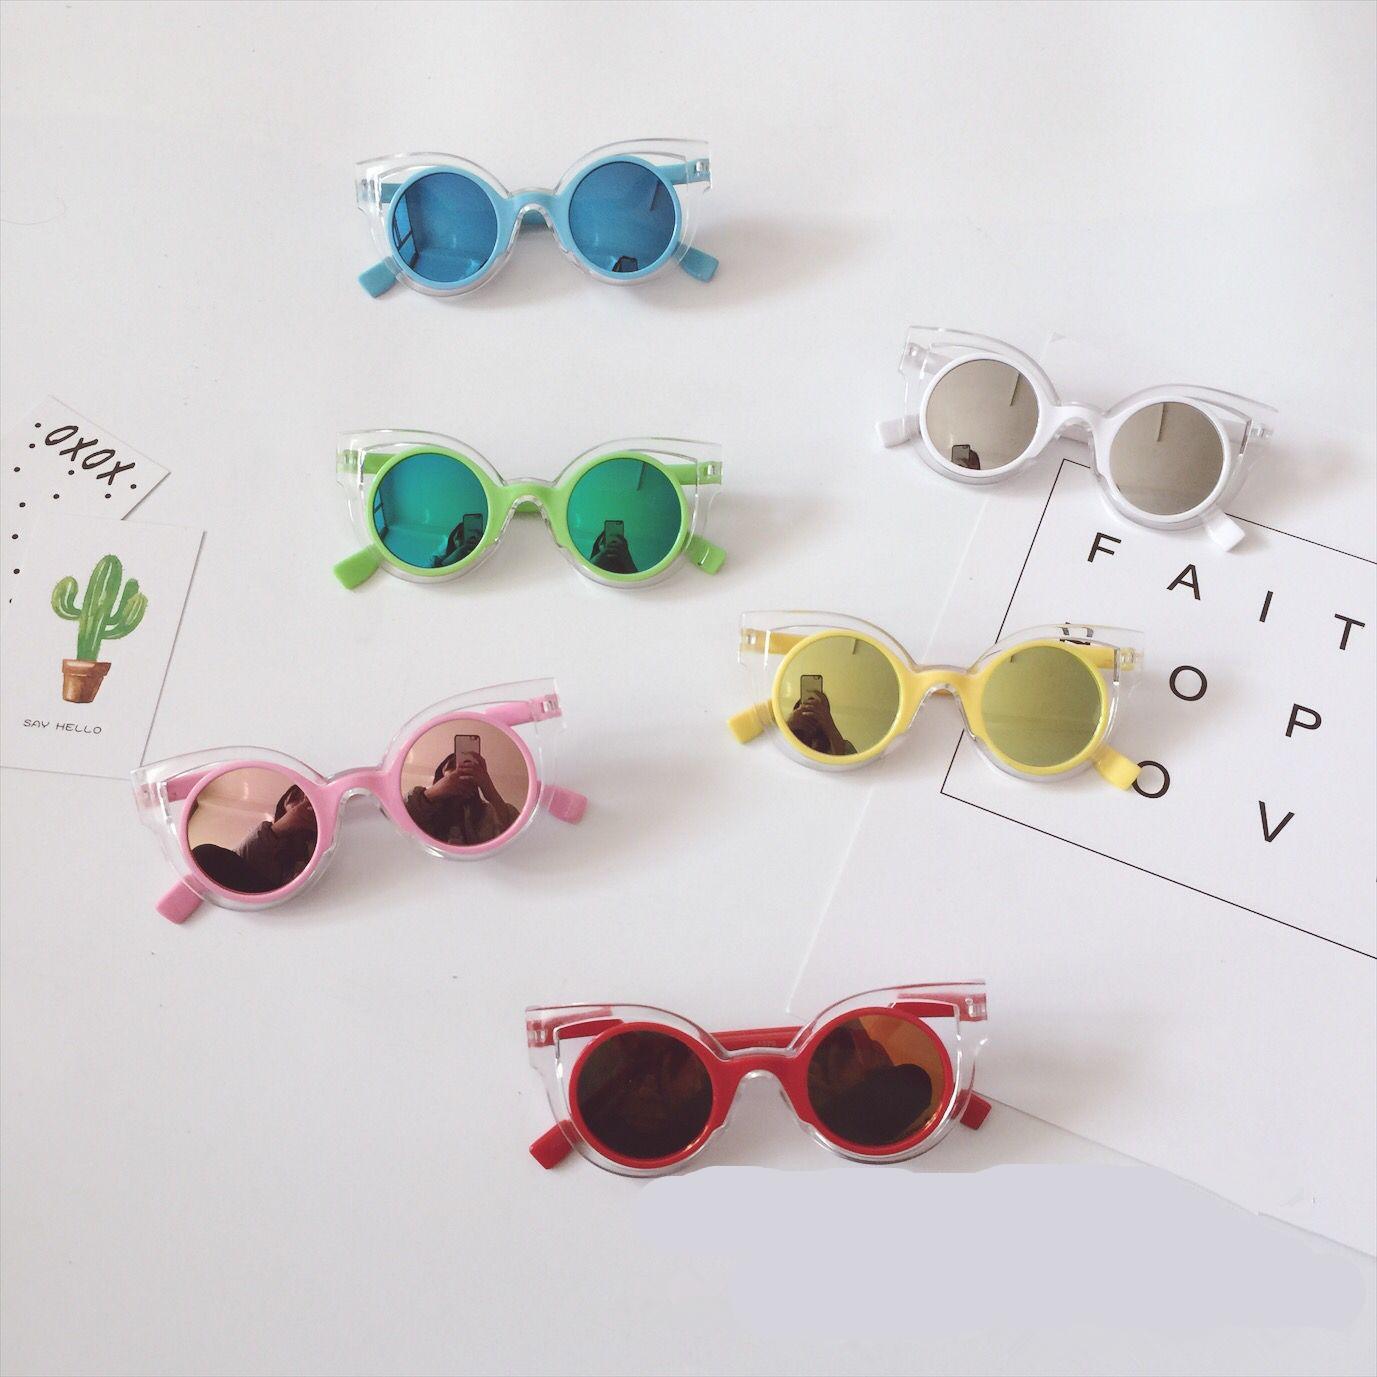 可爱夏款儿童男女童宝宝沙滩度假镜面凹造型防晒太阳眼镜墨镜